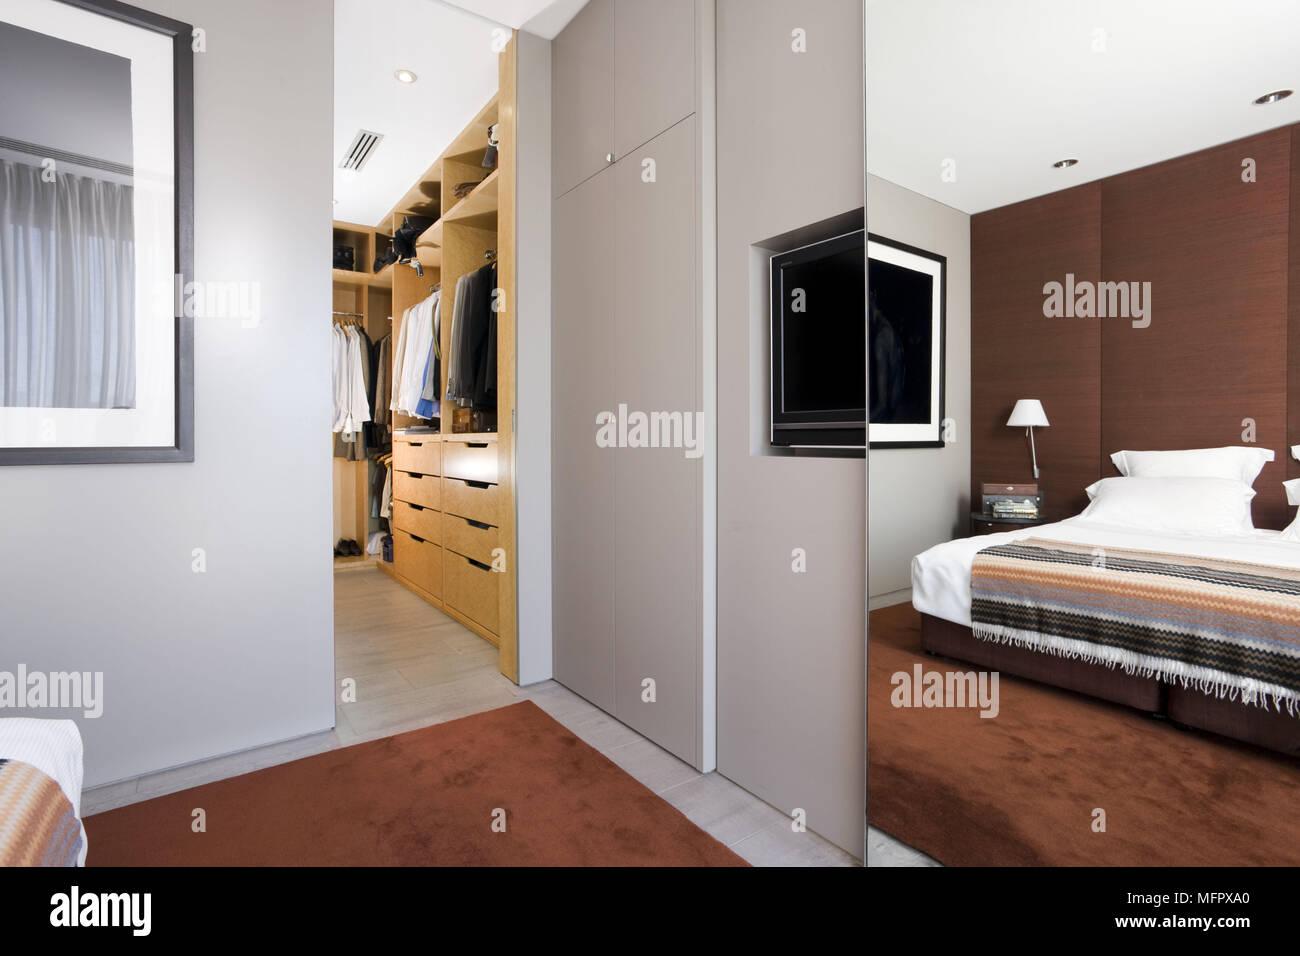 Liebenswert Schlafzimmer Mit Ankleidezimmer Beste Wahl Verspiegelte Schiebetür Tür Verbergen Fernsehen Und Chränke